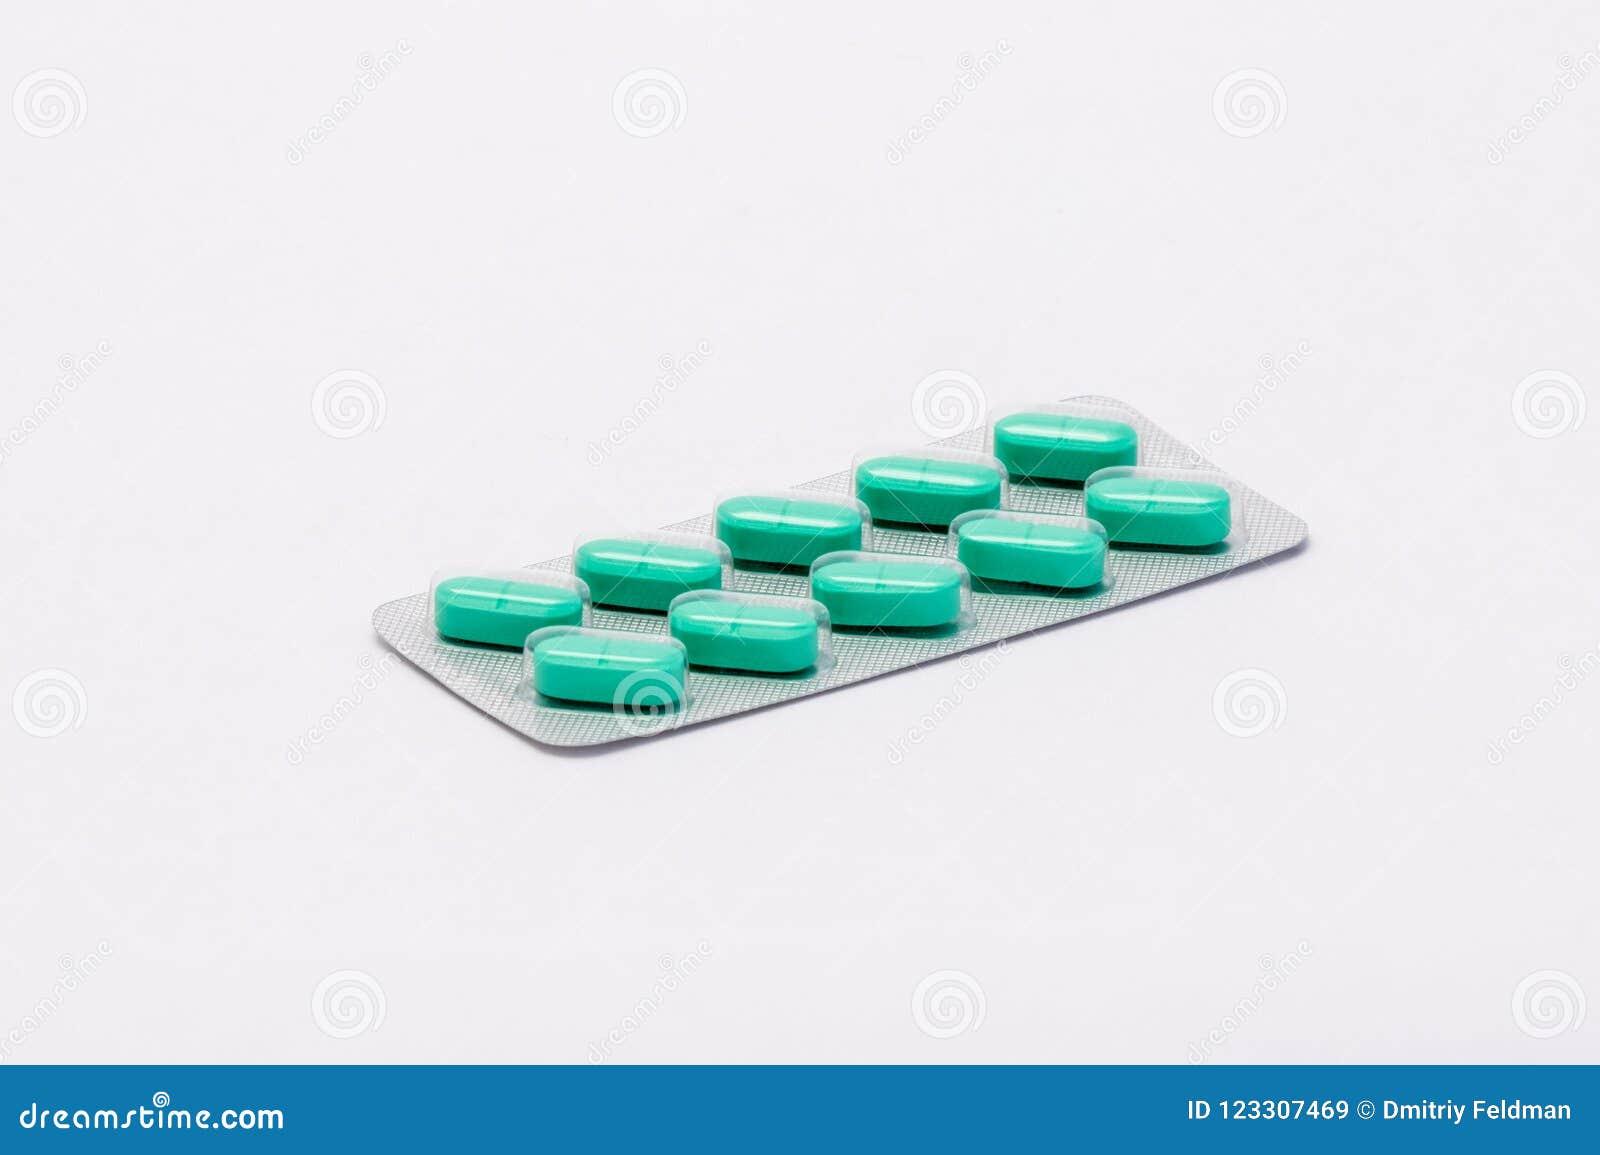 En färdig förseglad packe med gröna rektangulära preventivpillerar ligger på en vit bakgrund